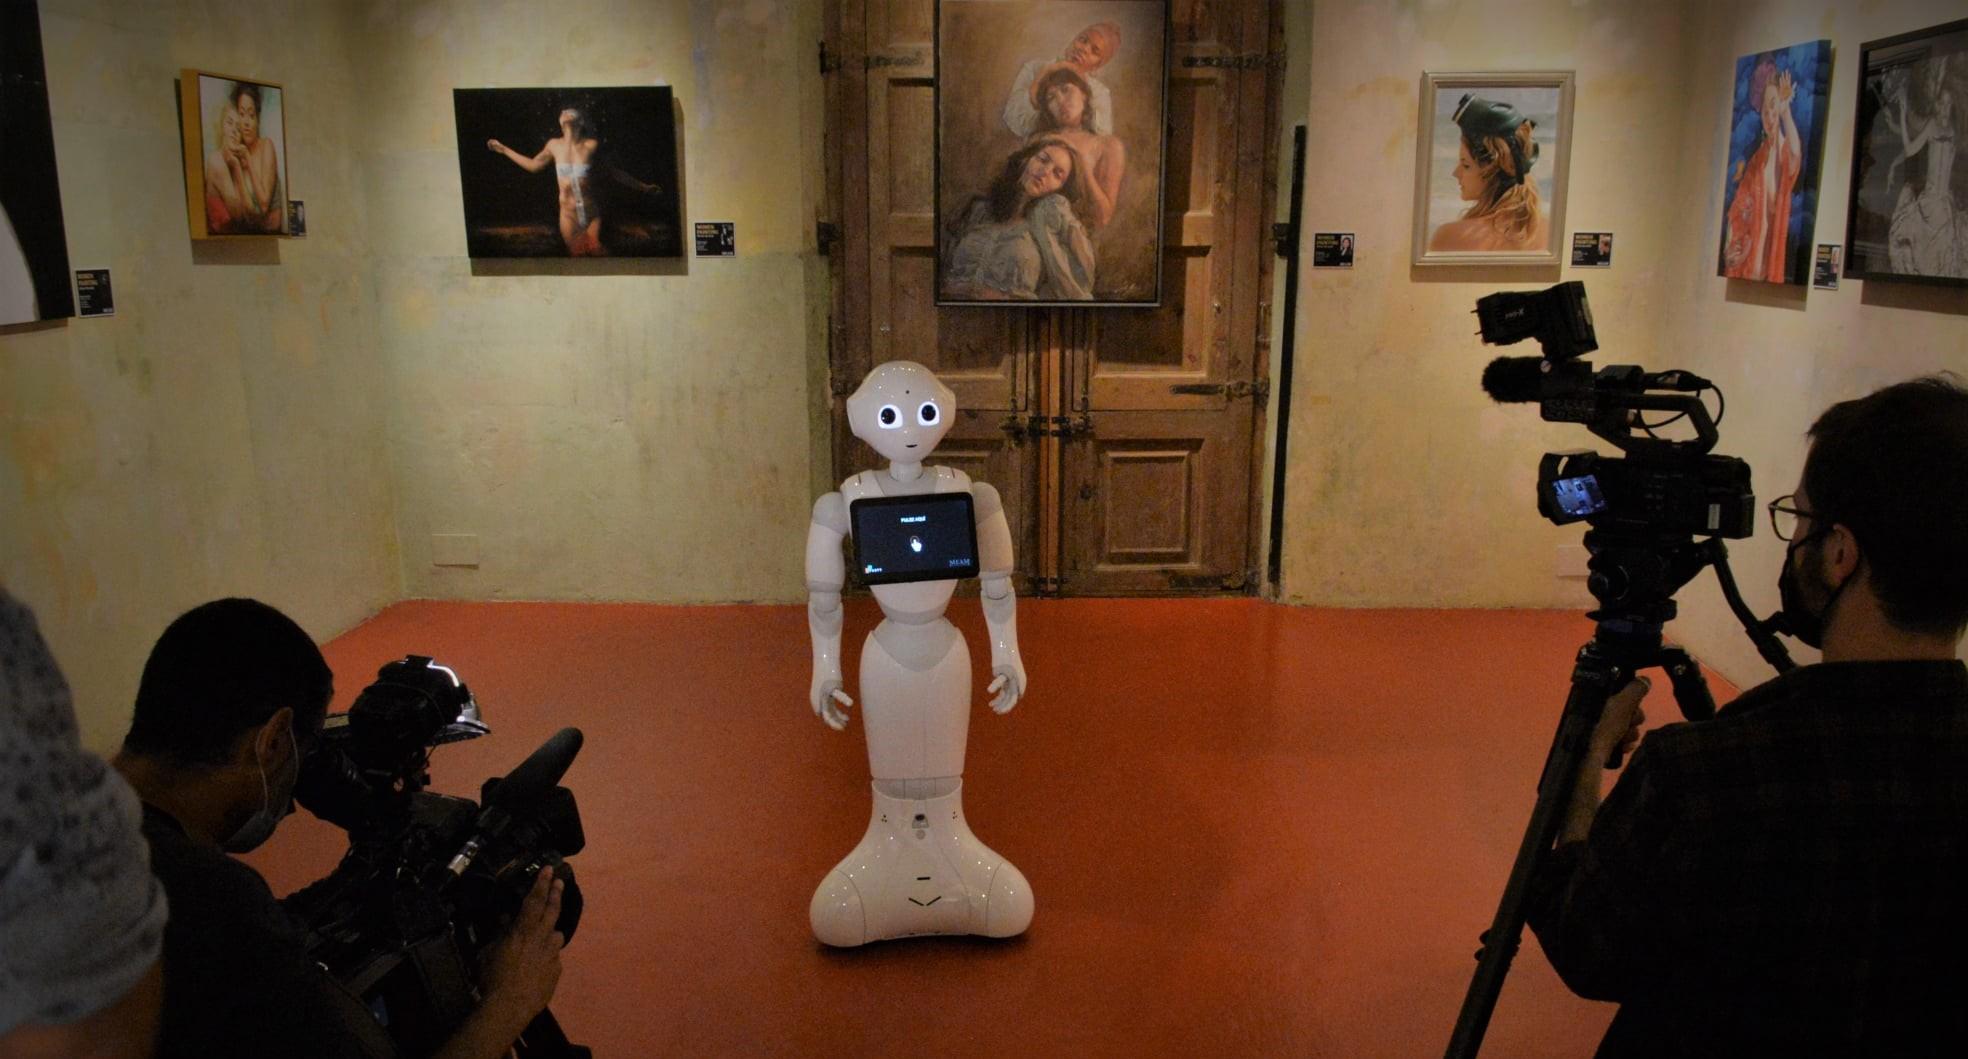 Музей MEAM Барселоны: первый в Испании музей с гидом-роботом